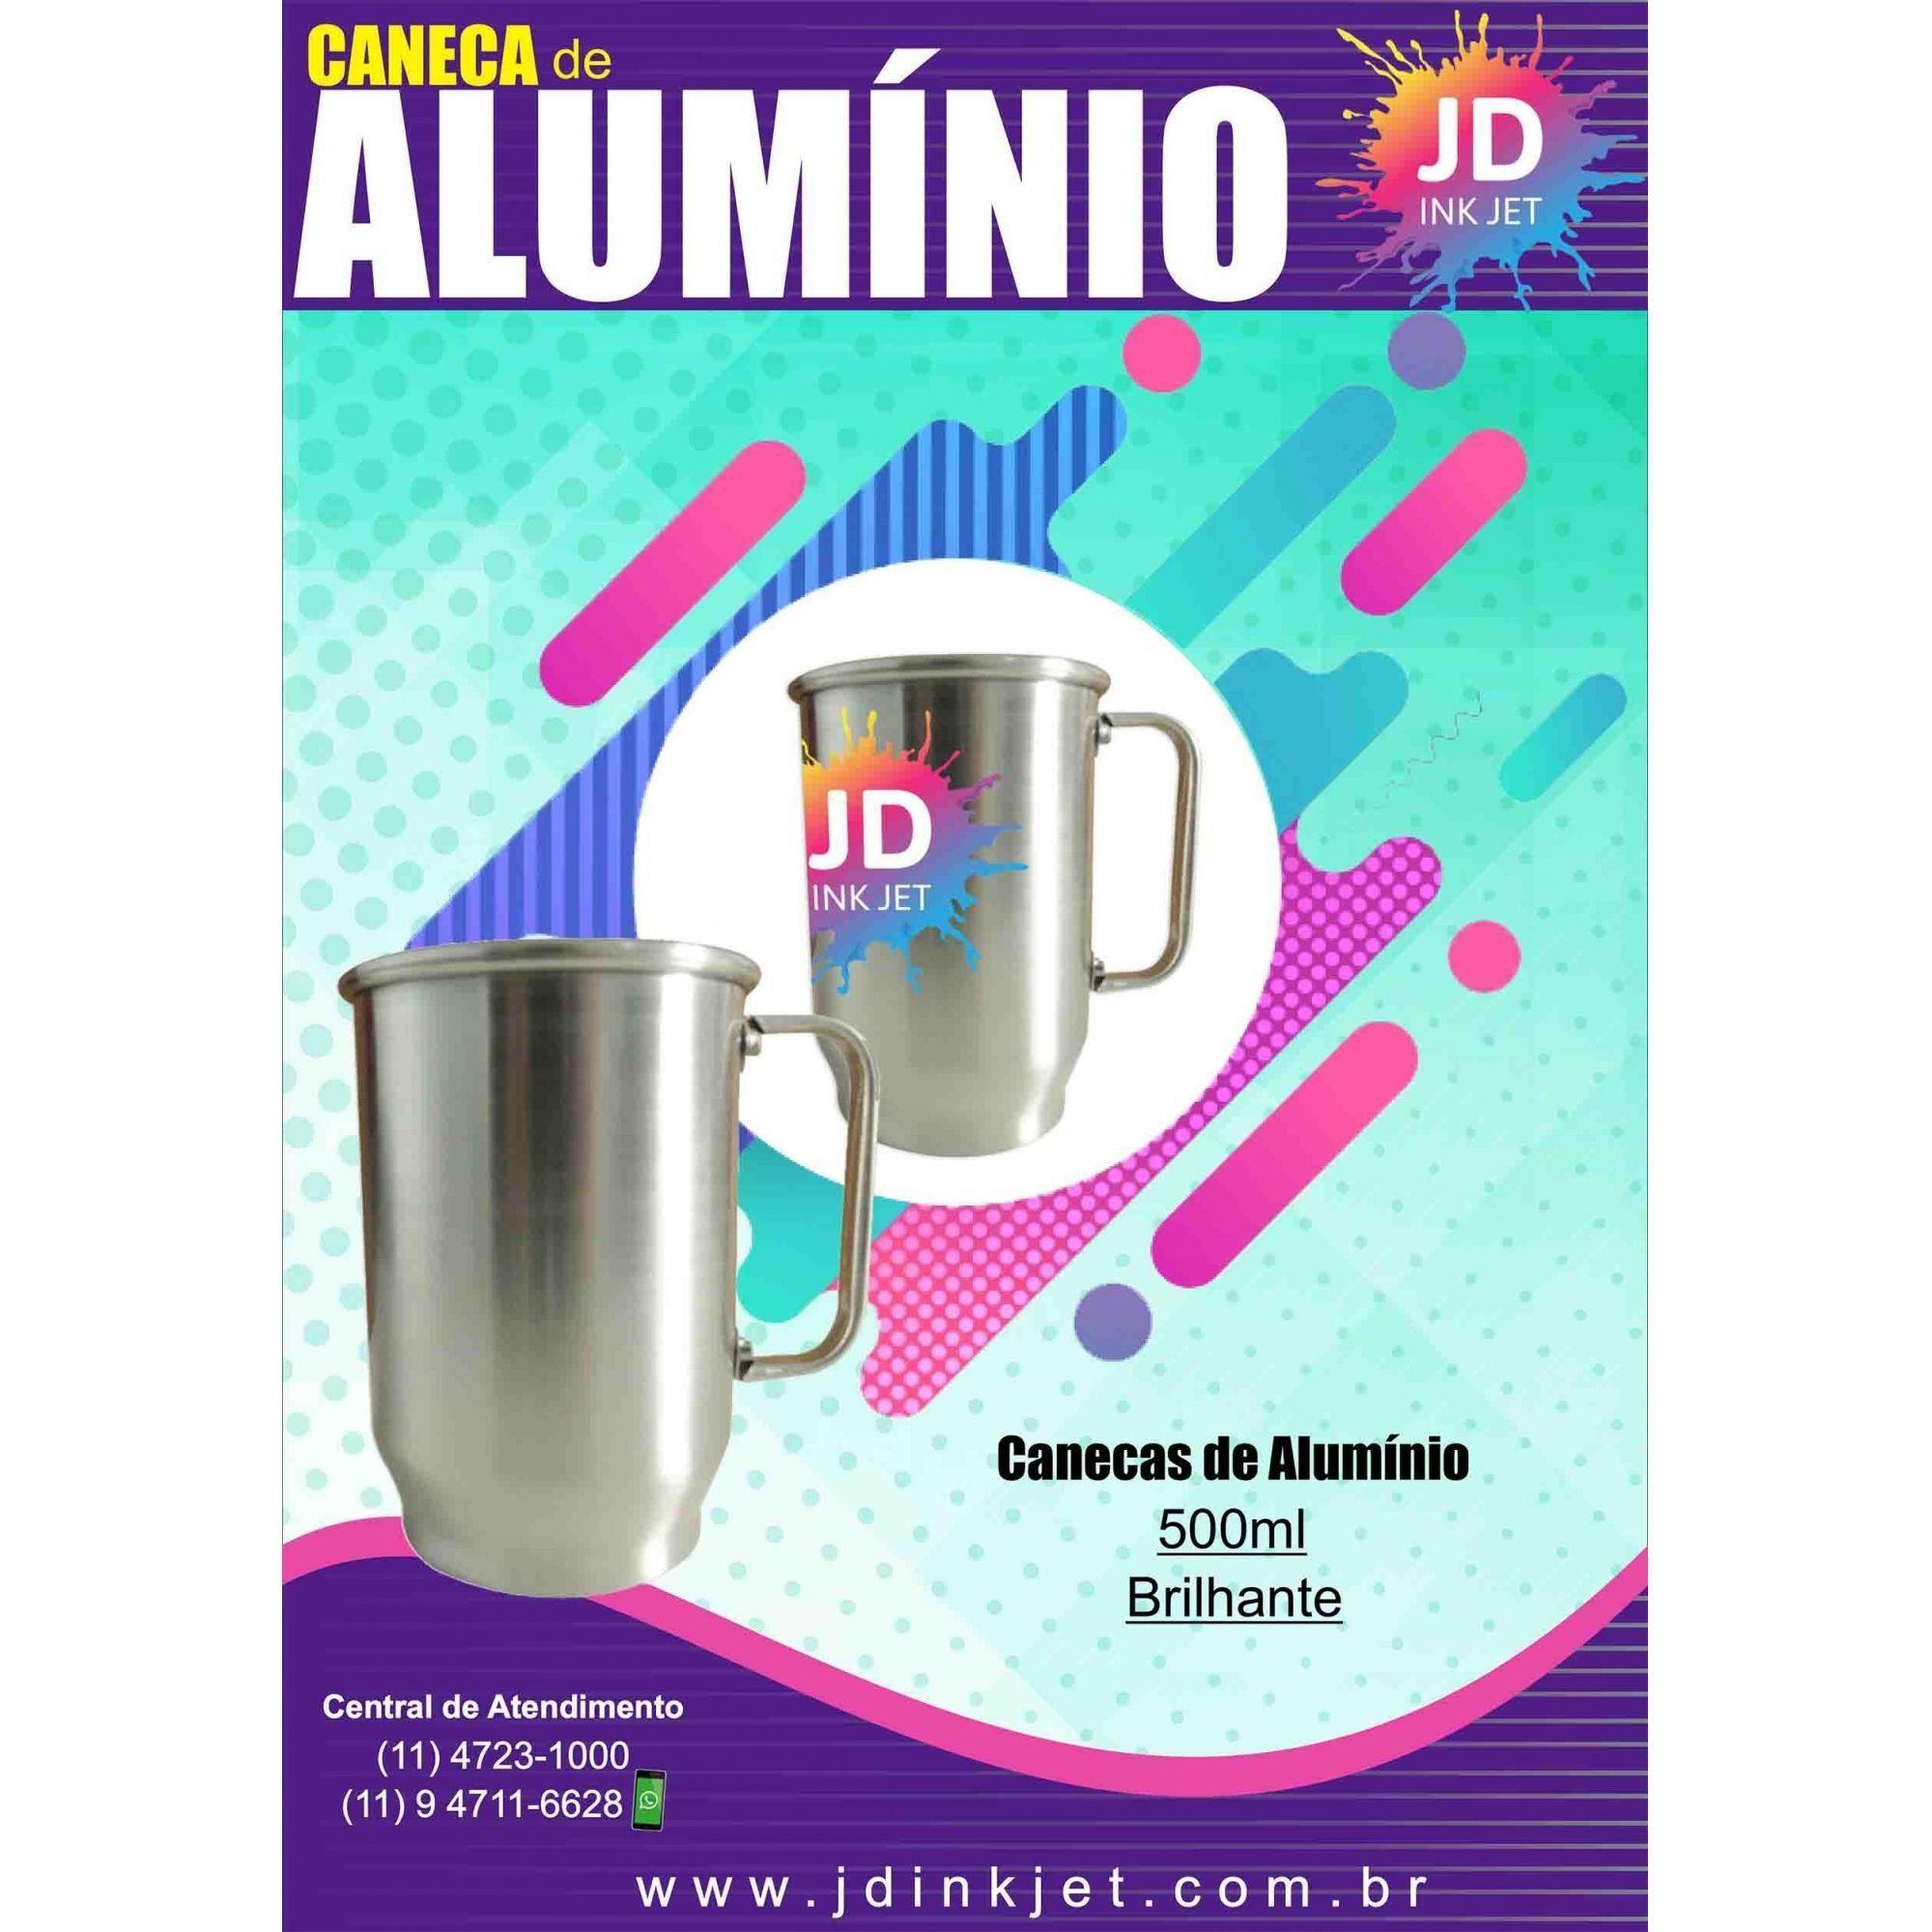 Caneca de Alumínio 500ml Brilhante